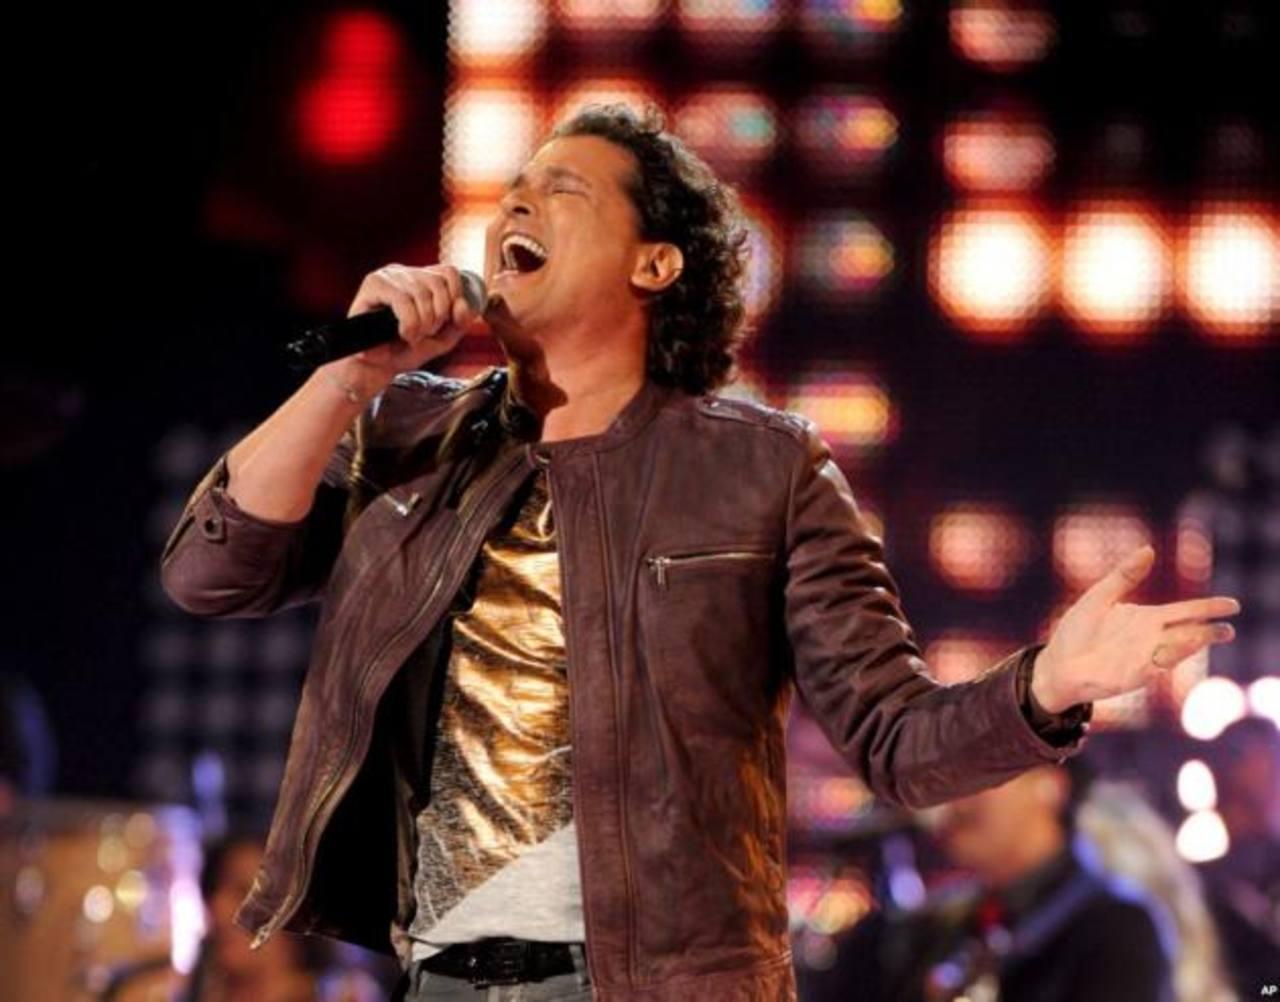 Carlos Vives (foto), Alejandro Sanz, Marc Anthony y Prince Royce son los mayores nominados de la fiesta latina.